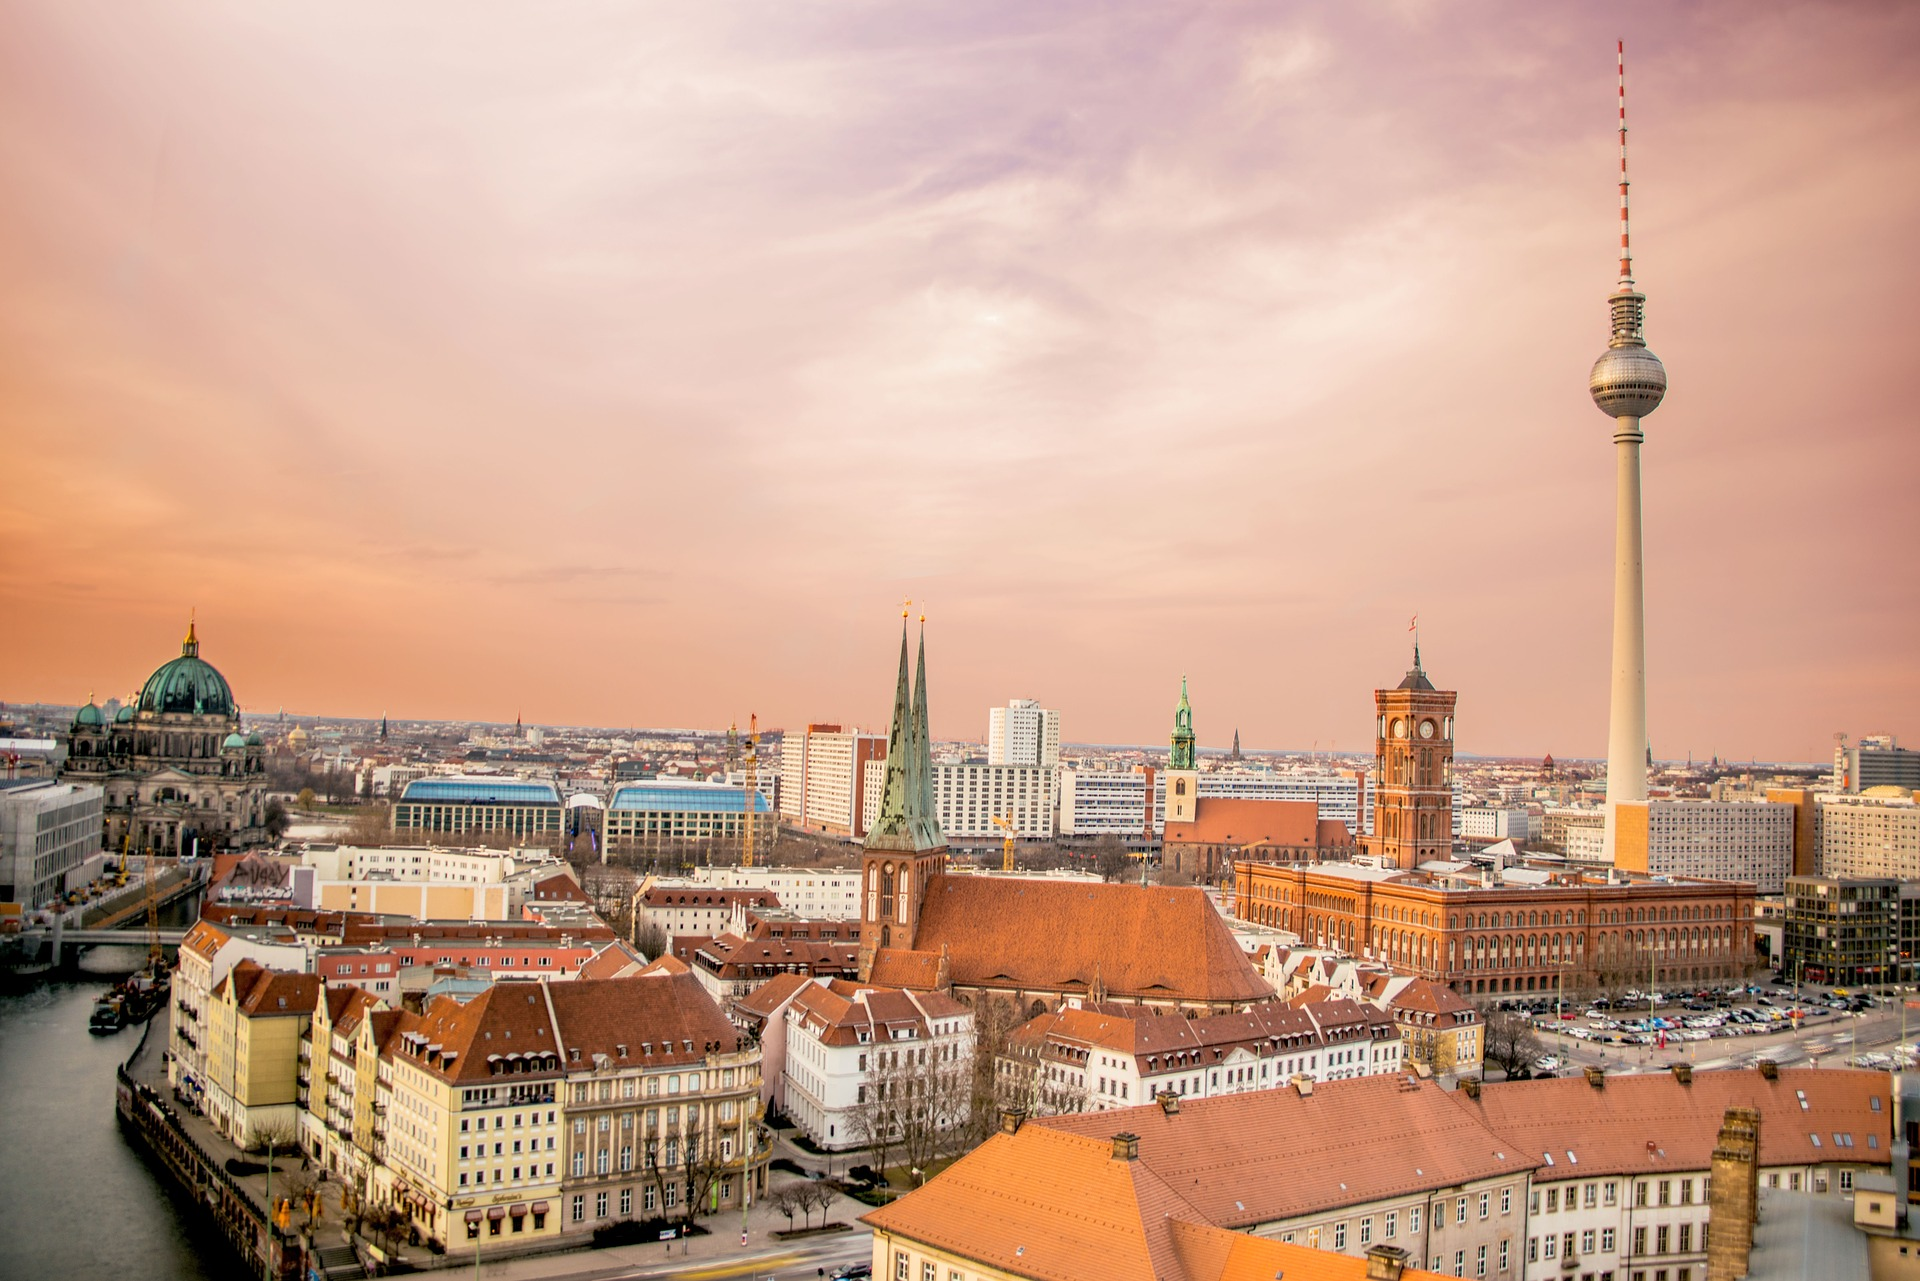 berlin-1249080_1920.jpg